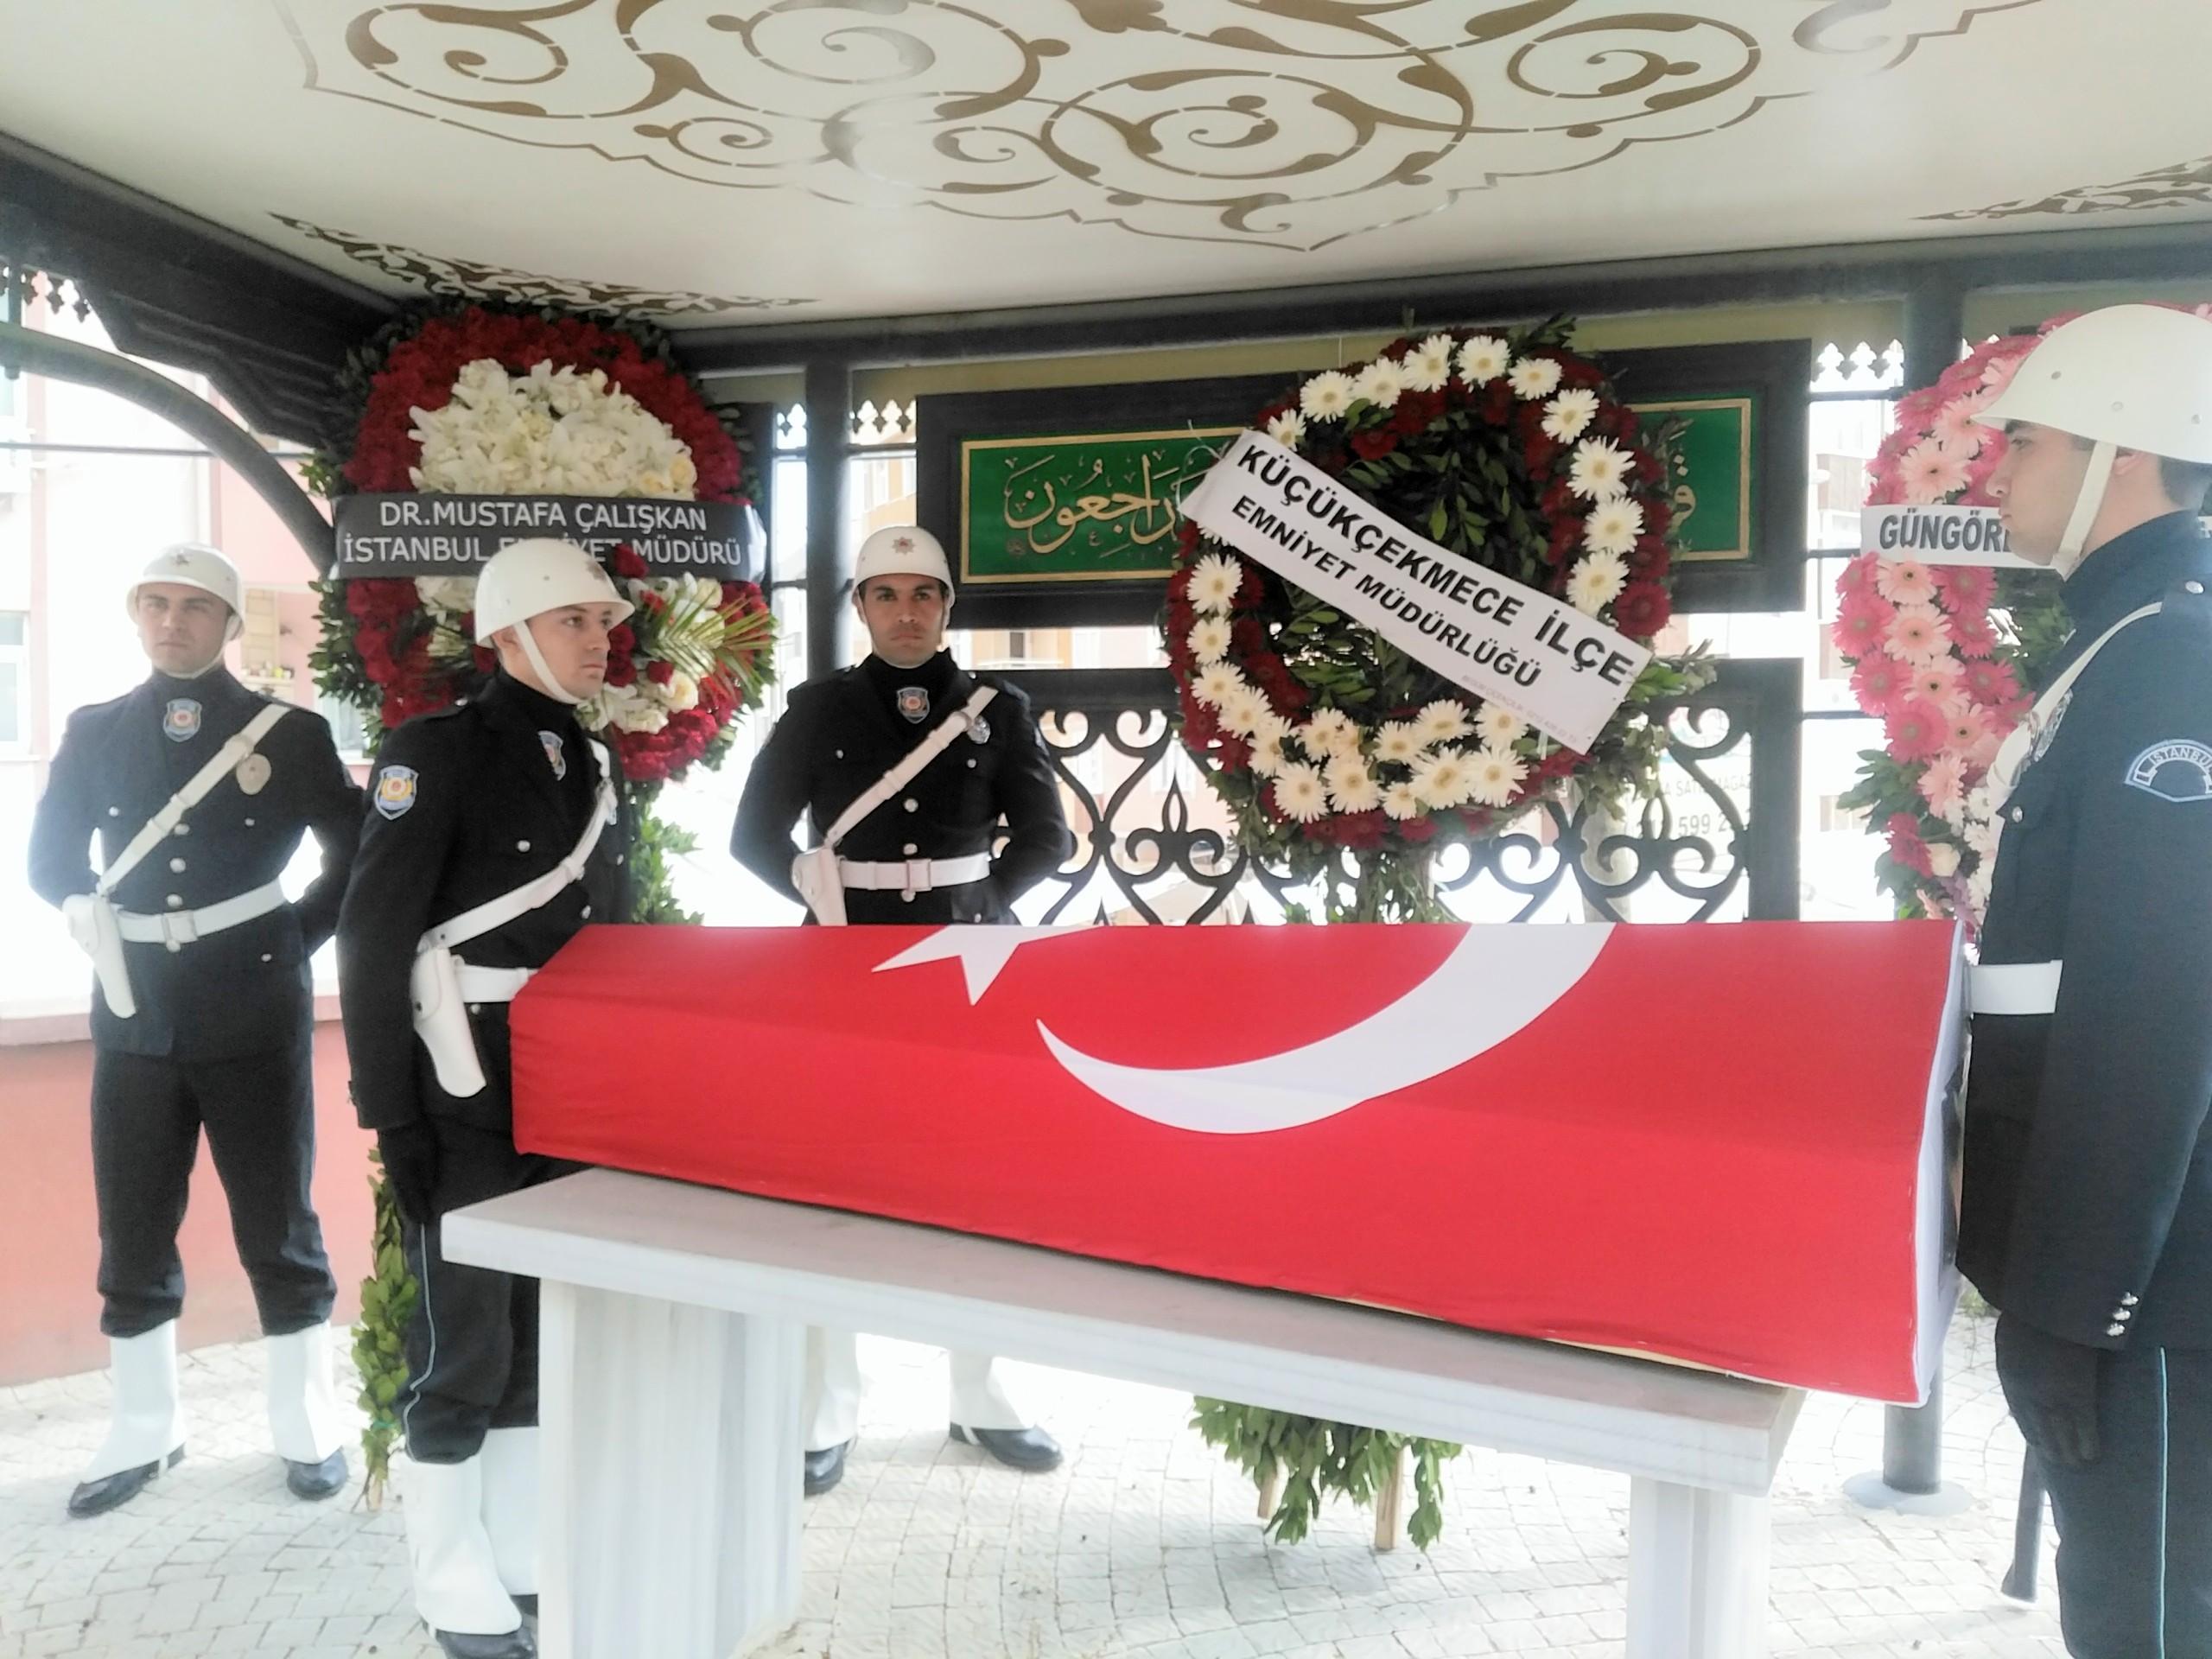 İstanbul Polisi Mesai Arkadaşı Enver Yılmaz'ı Dualarla Son Yolculuğuna Uğurladı